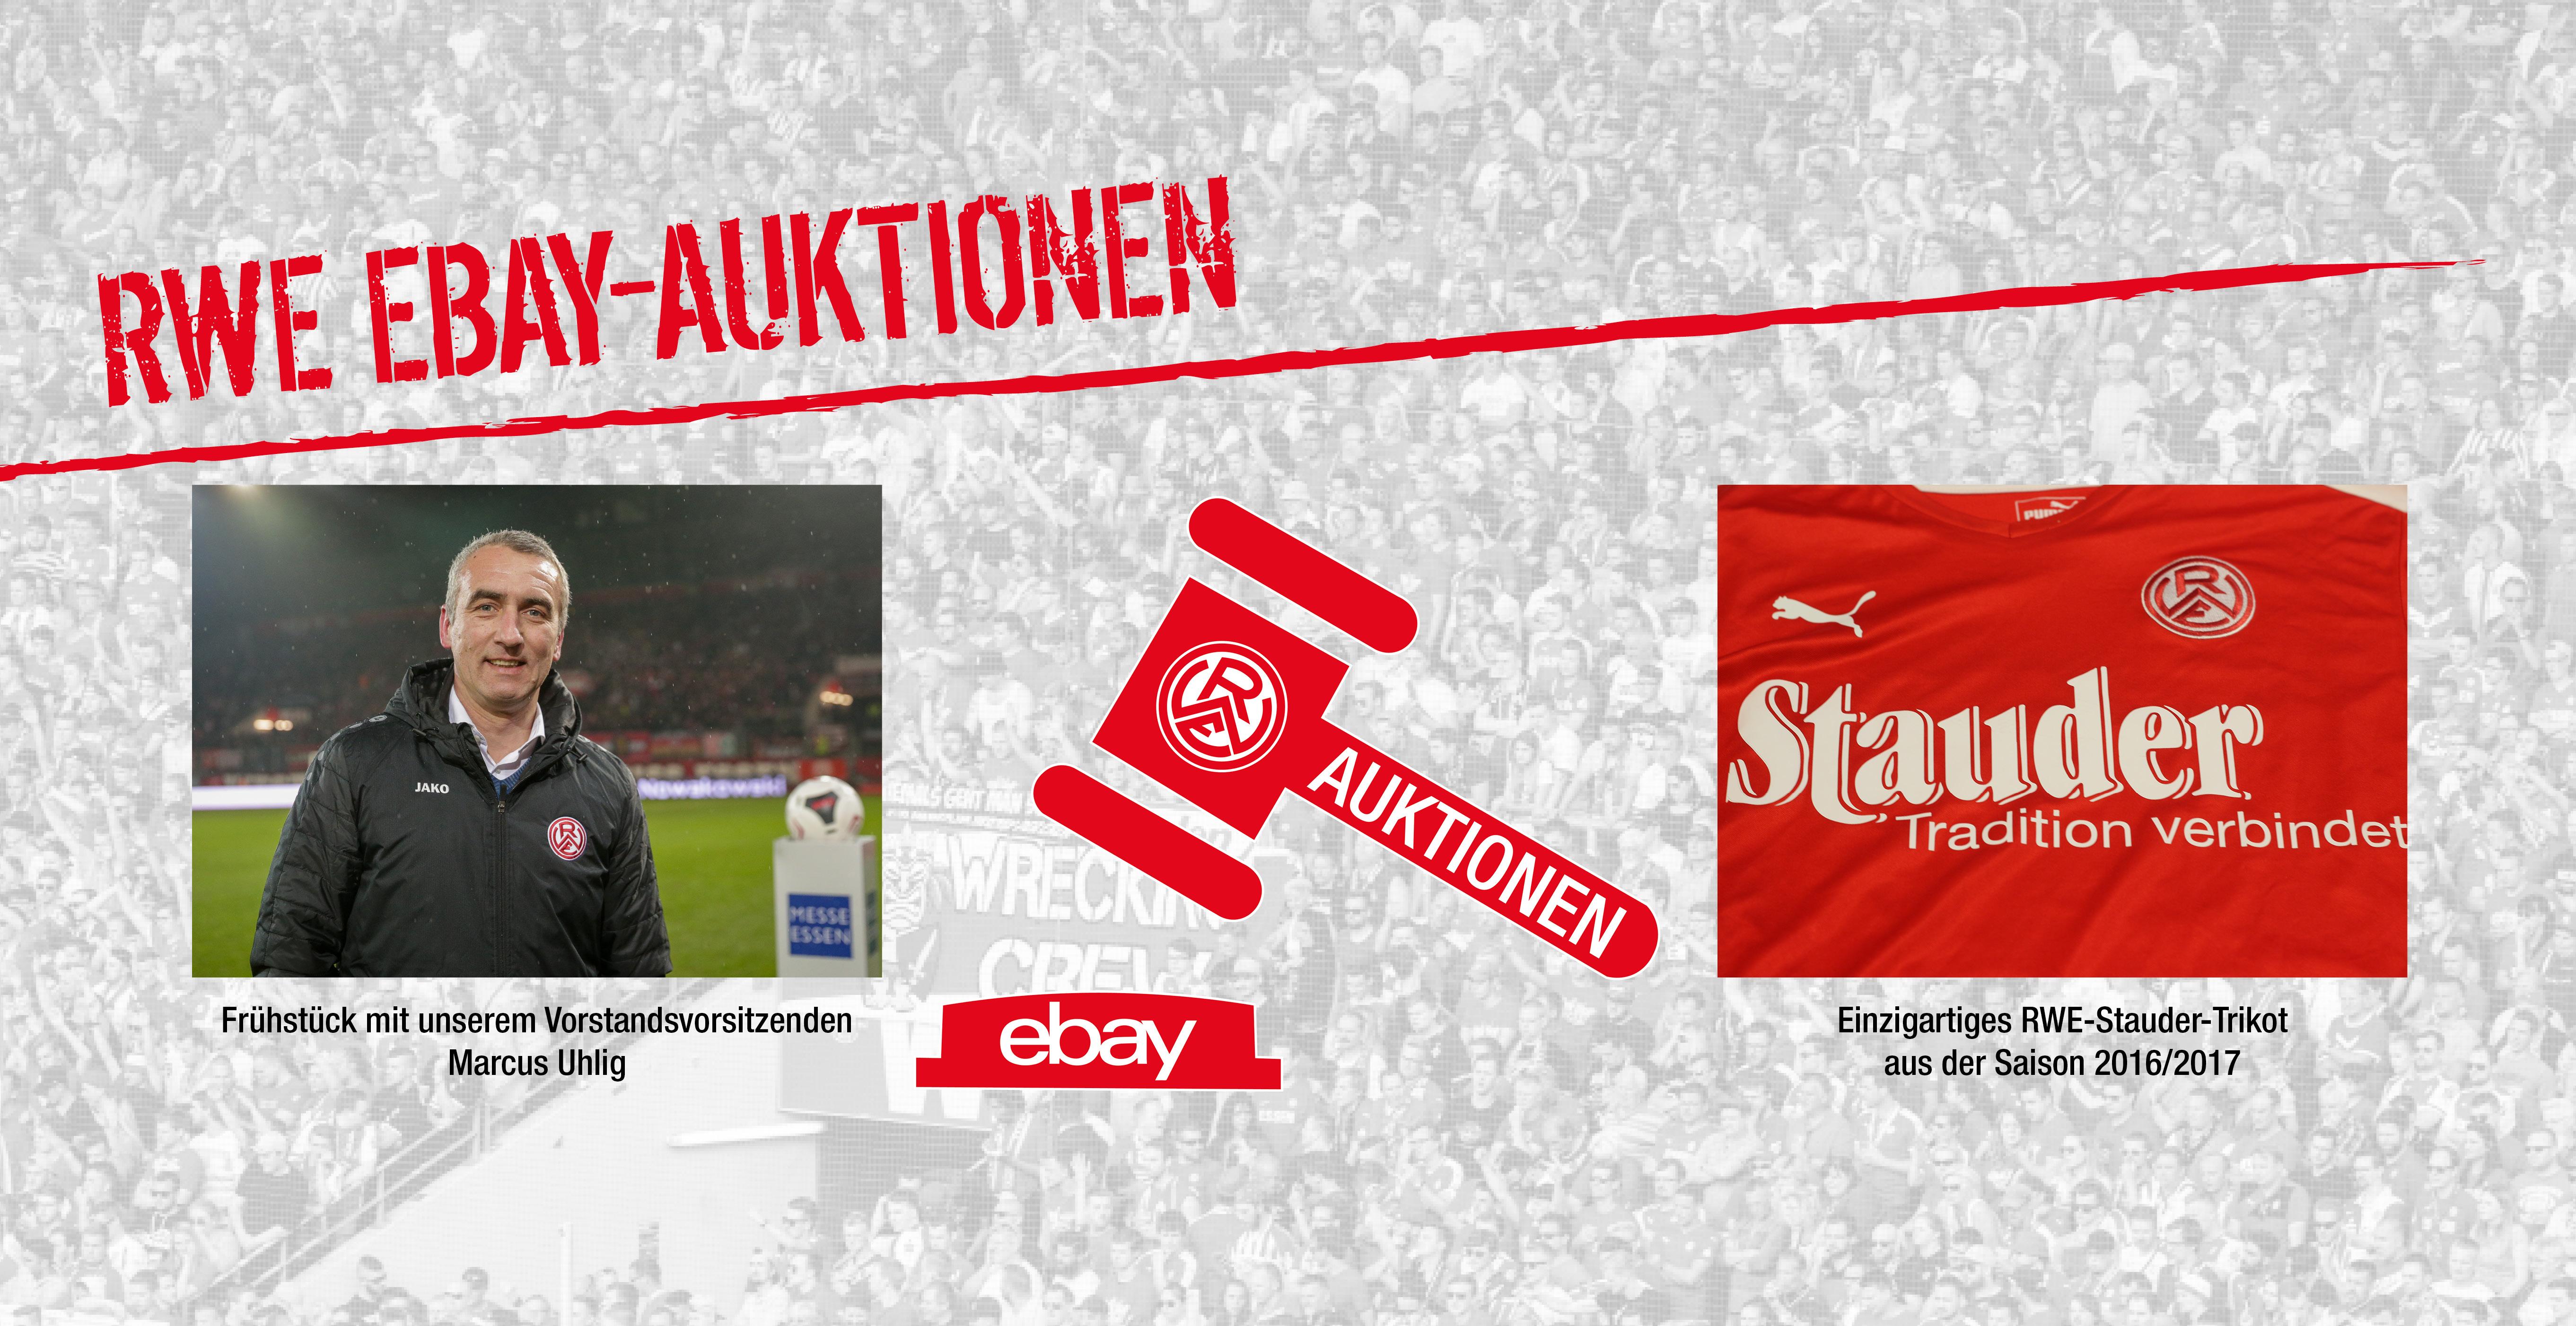 Diesmal gibt es für RWE-Fans gleich zwei Auktionen.